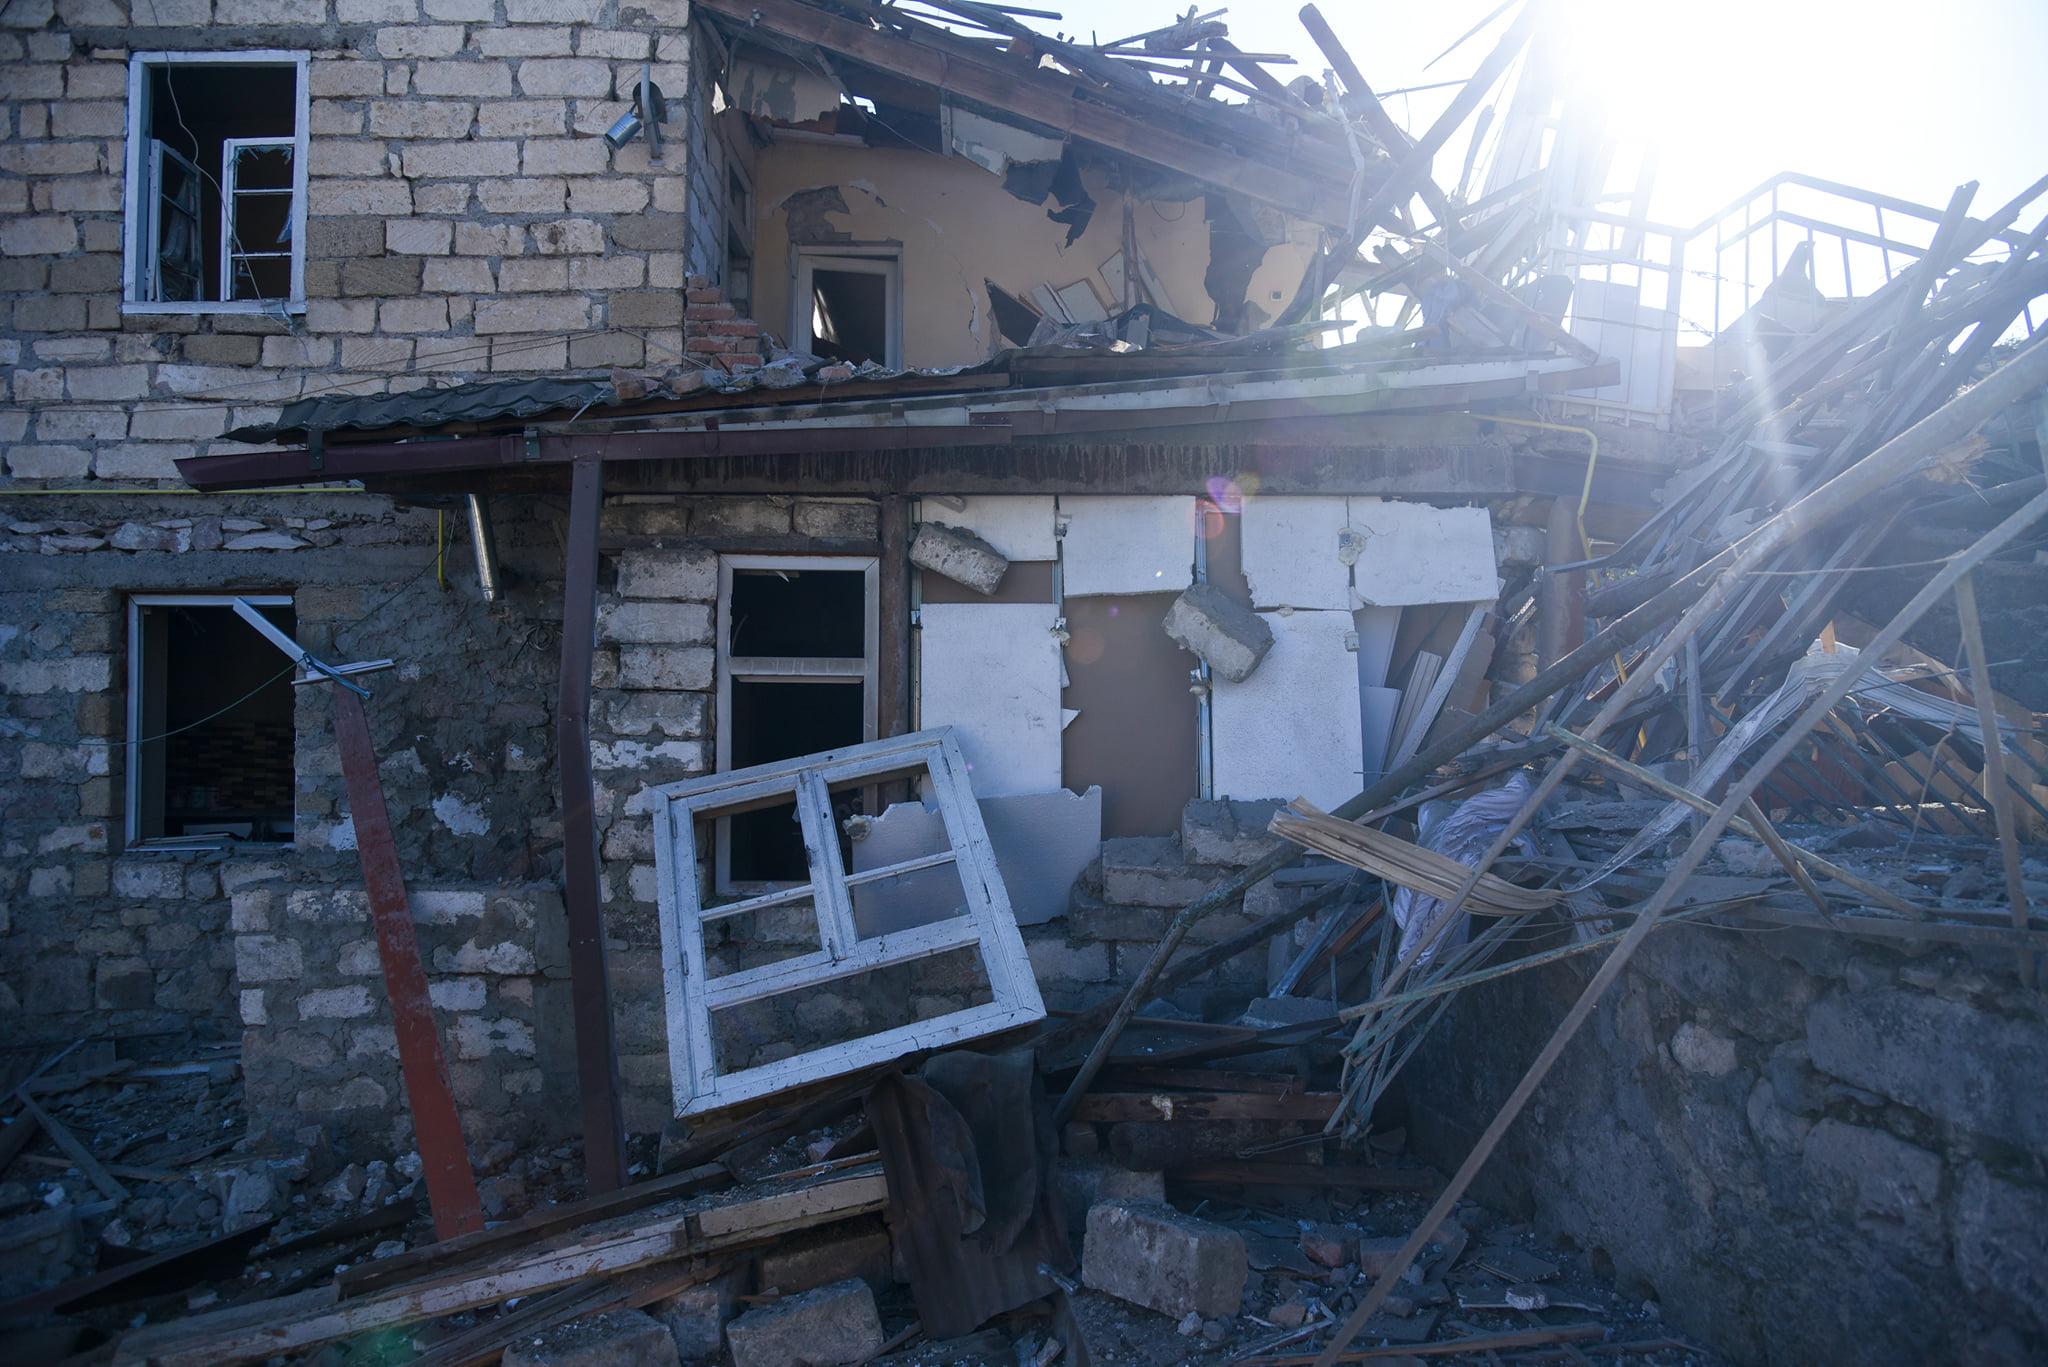 Photo of Ստեփանակերտի՝ գիշերային հրթիռակոծության հետևանքները, որի արդյունքում վիրավորվել է ևս երեք խաղաղ բնակիչ